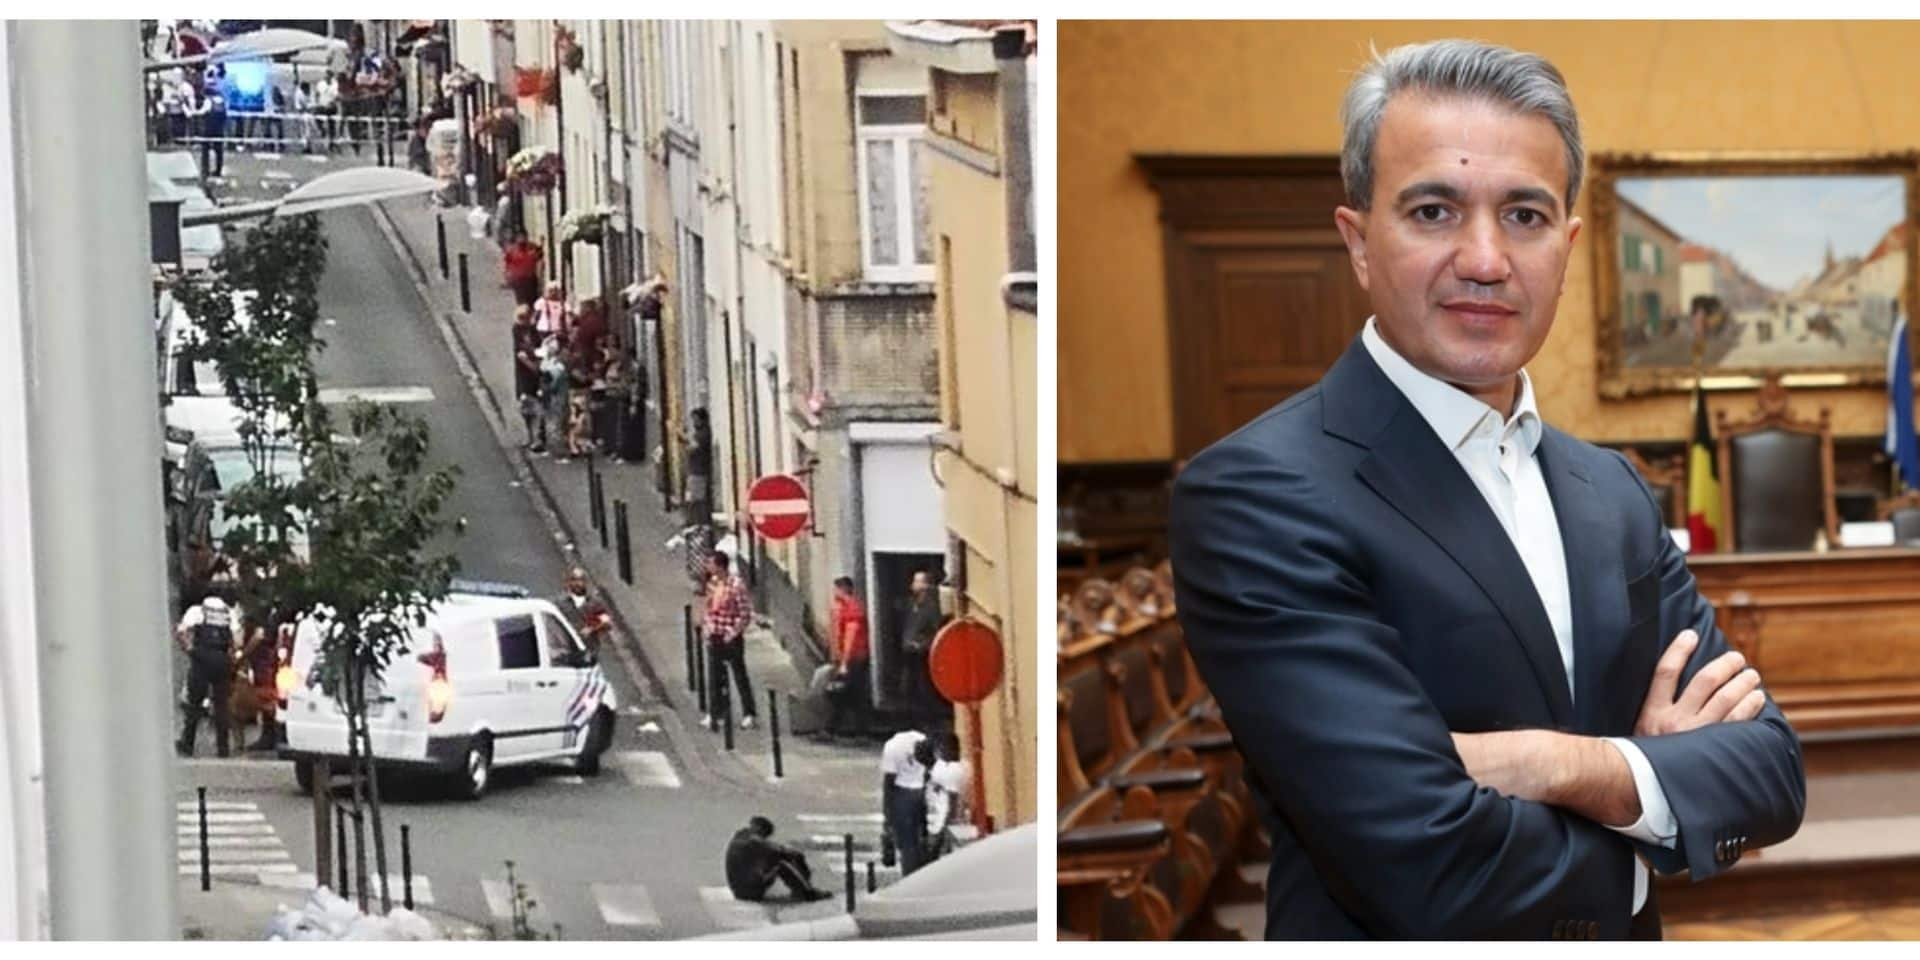 Saint-Josse : Une ordonnance pour interdire la consommation d'alcool en rue